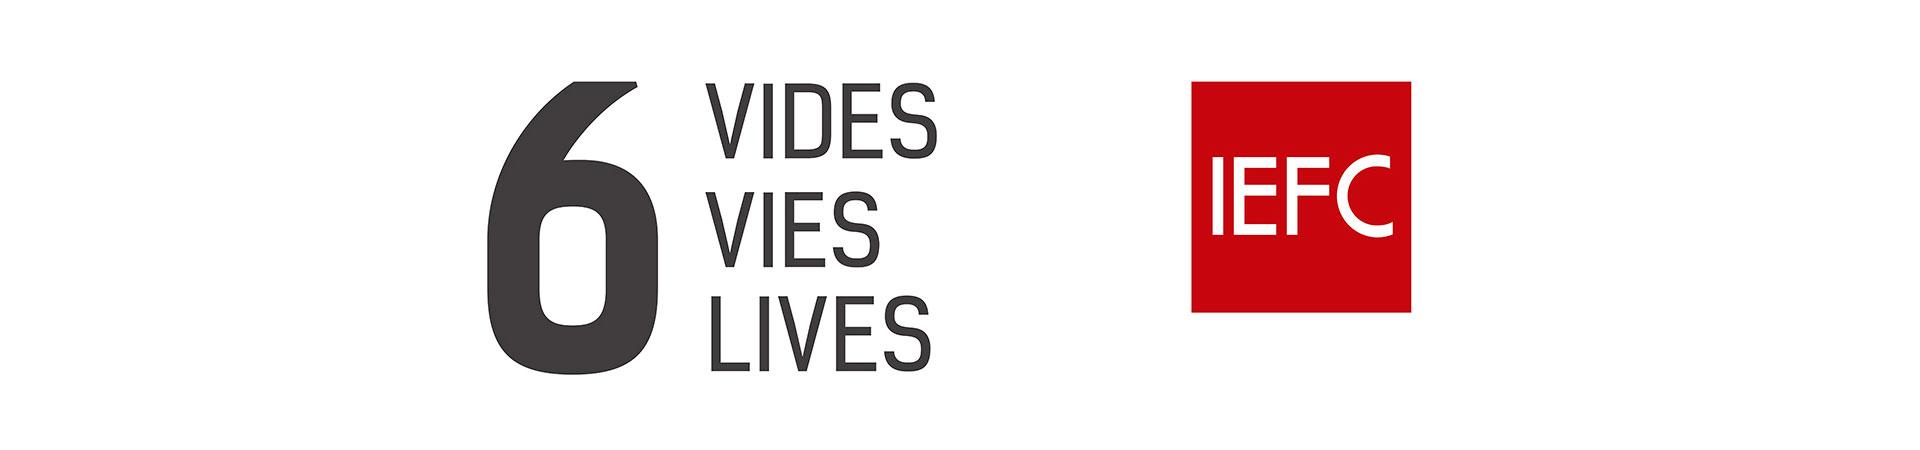 Exposició 6 vides